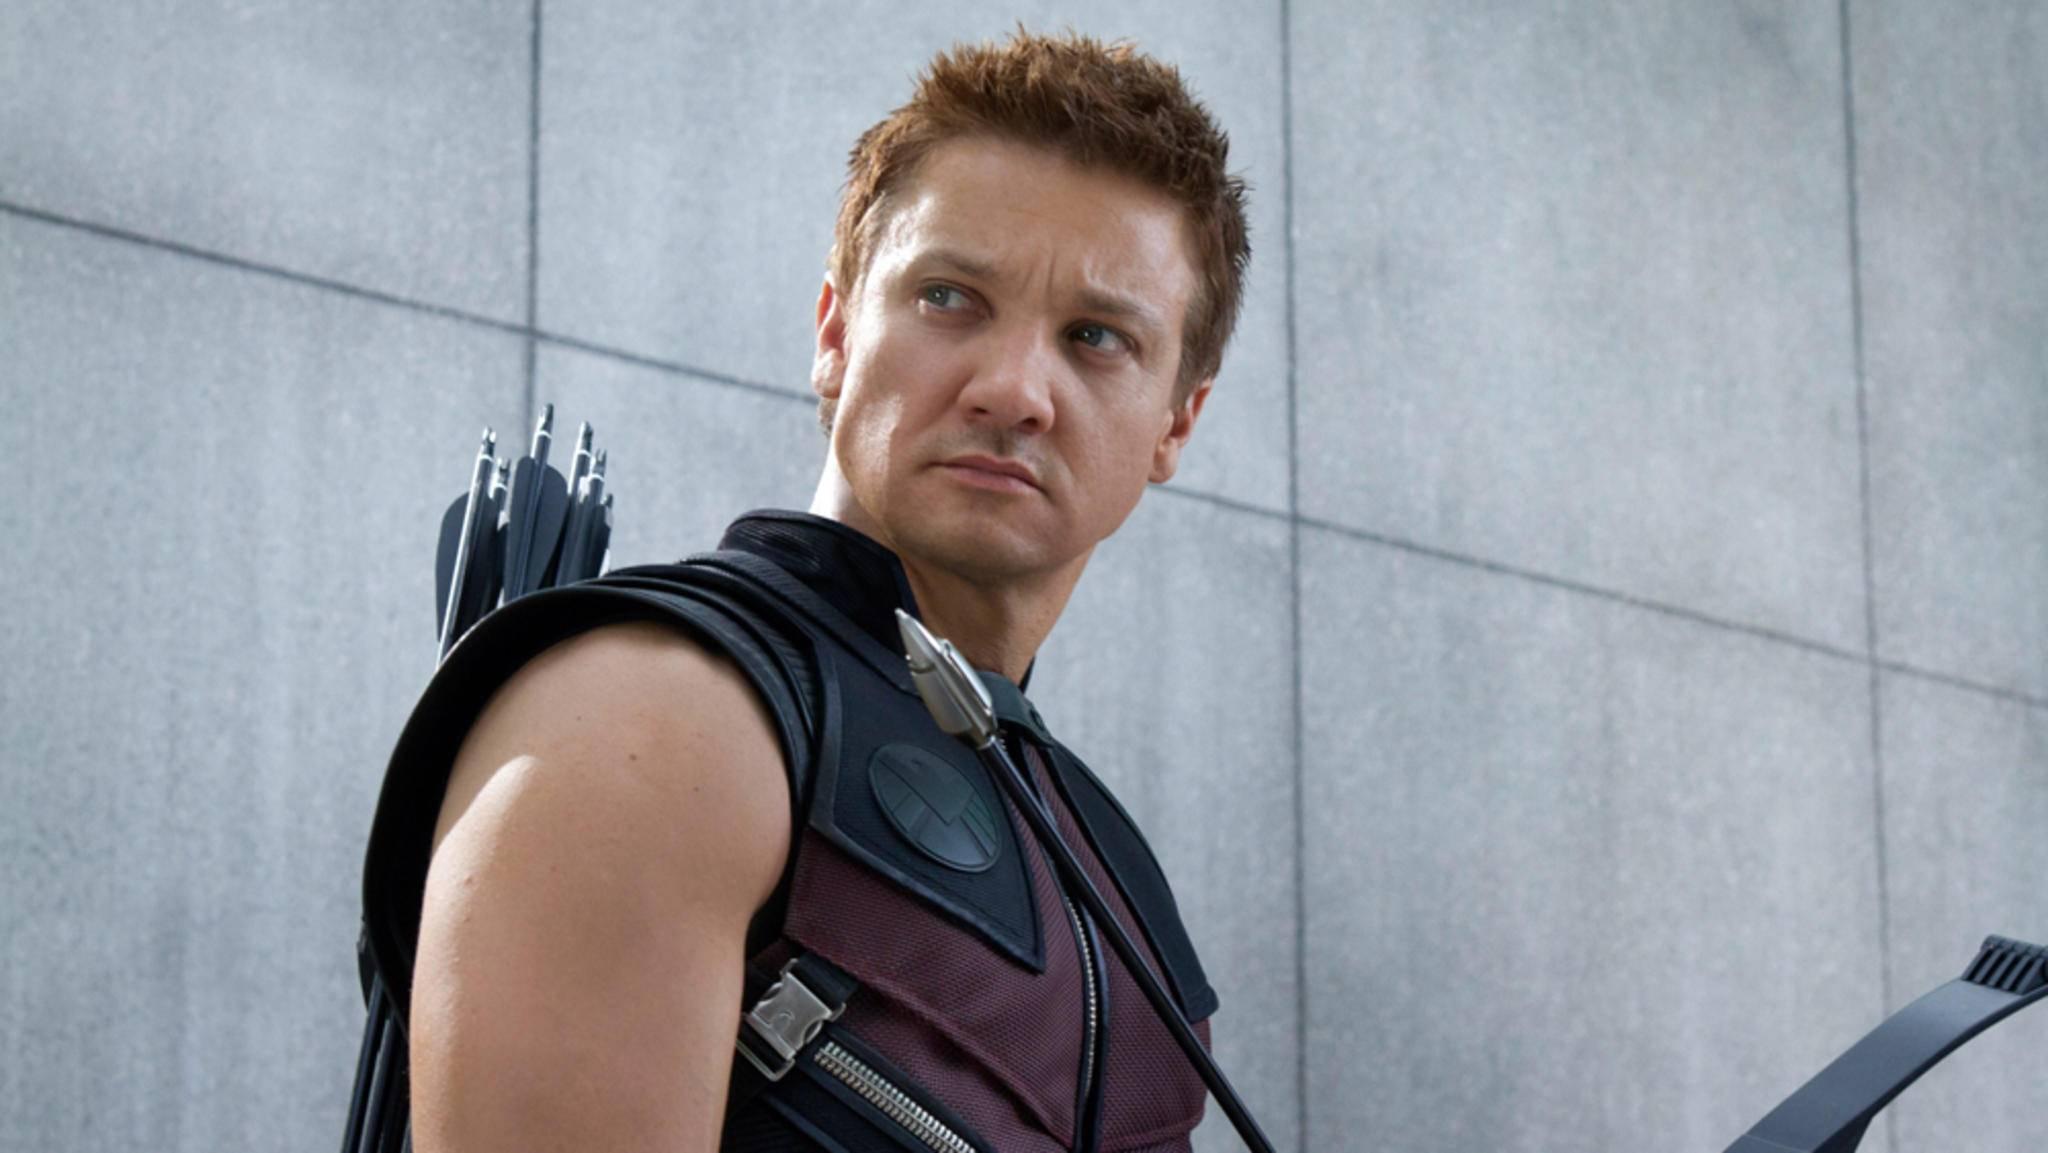 Volltreffer für Hawkeye? Der Top-Schütze könnte endlich seinen eigenen Film bekommen.